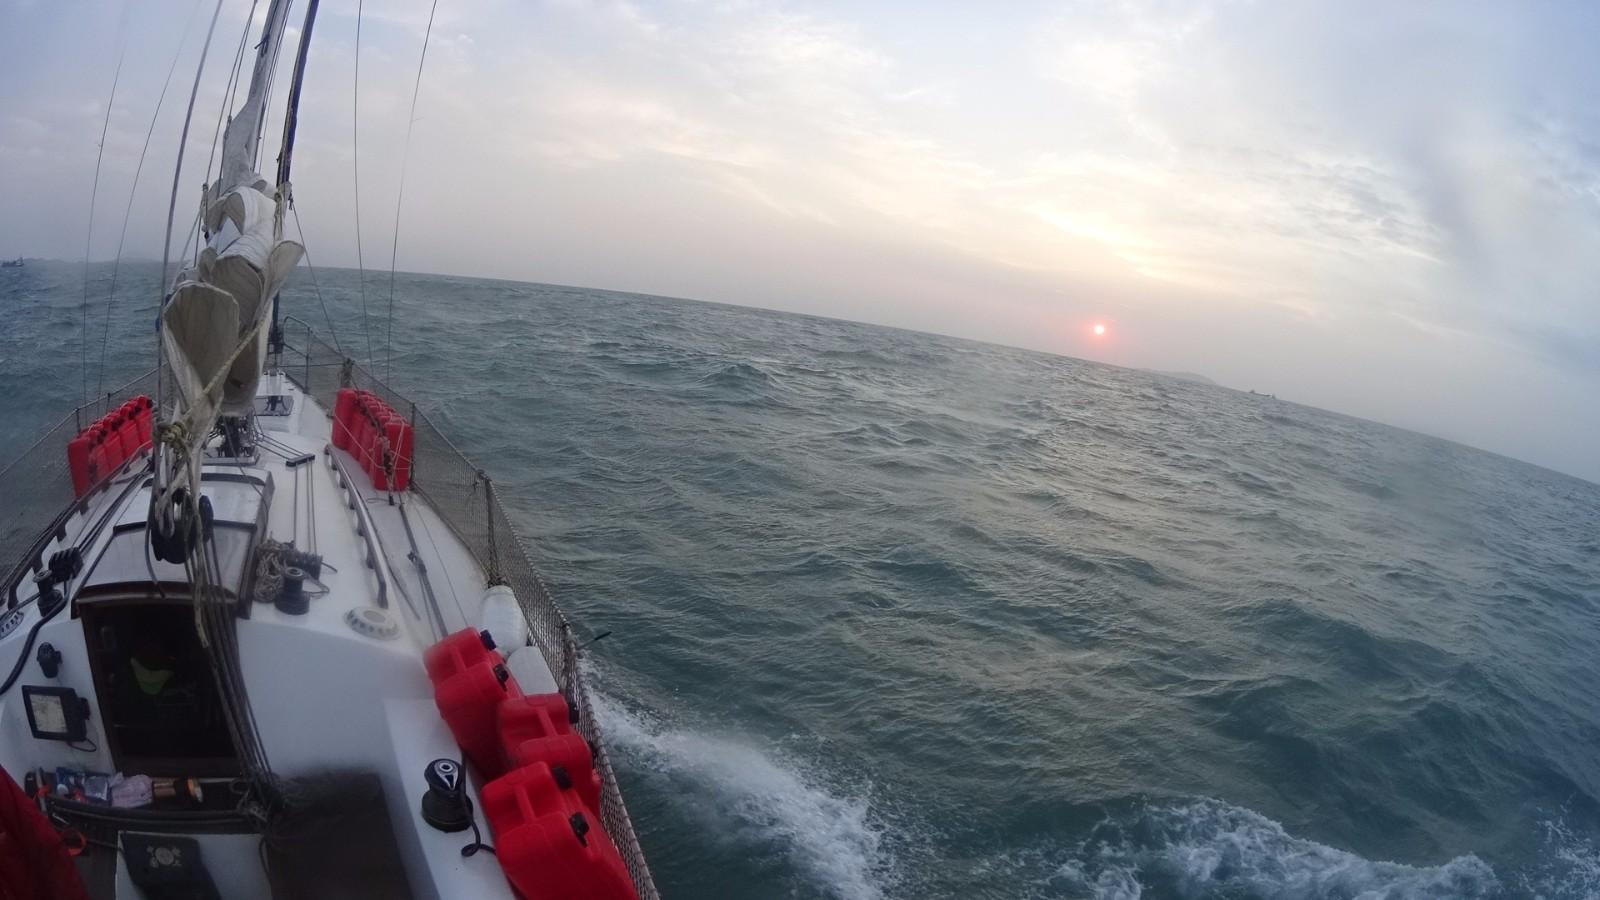 船长,唐山,这里,老刘,大哥 长风破浪会有时,直挂云帆济沧海——唐山号返航记(上篇)